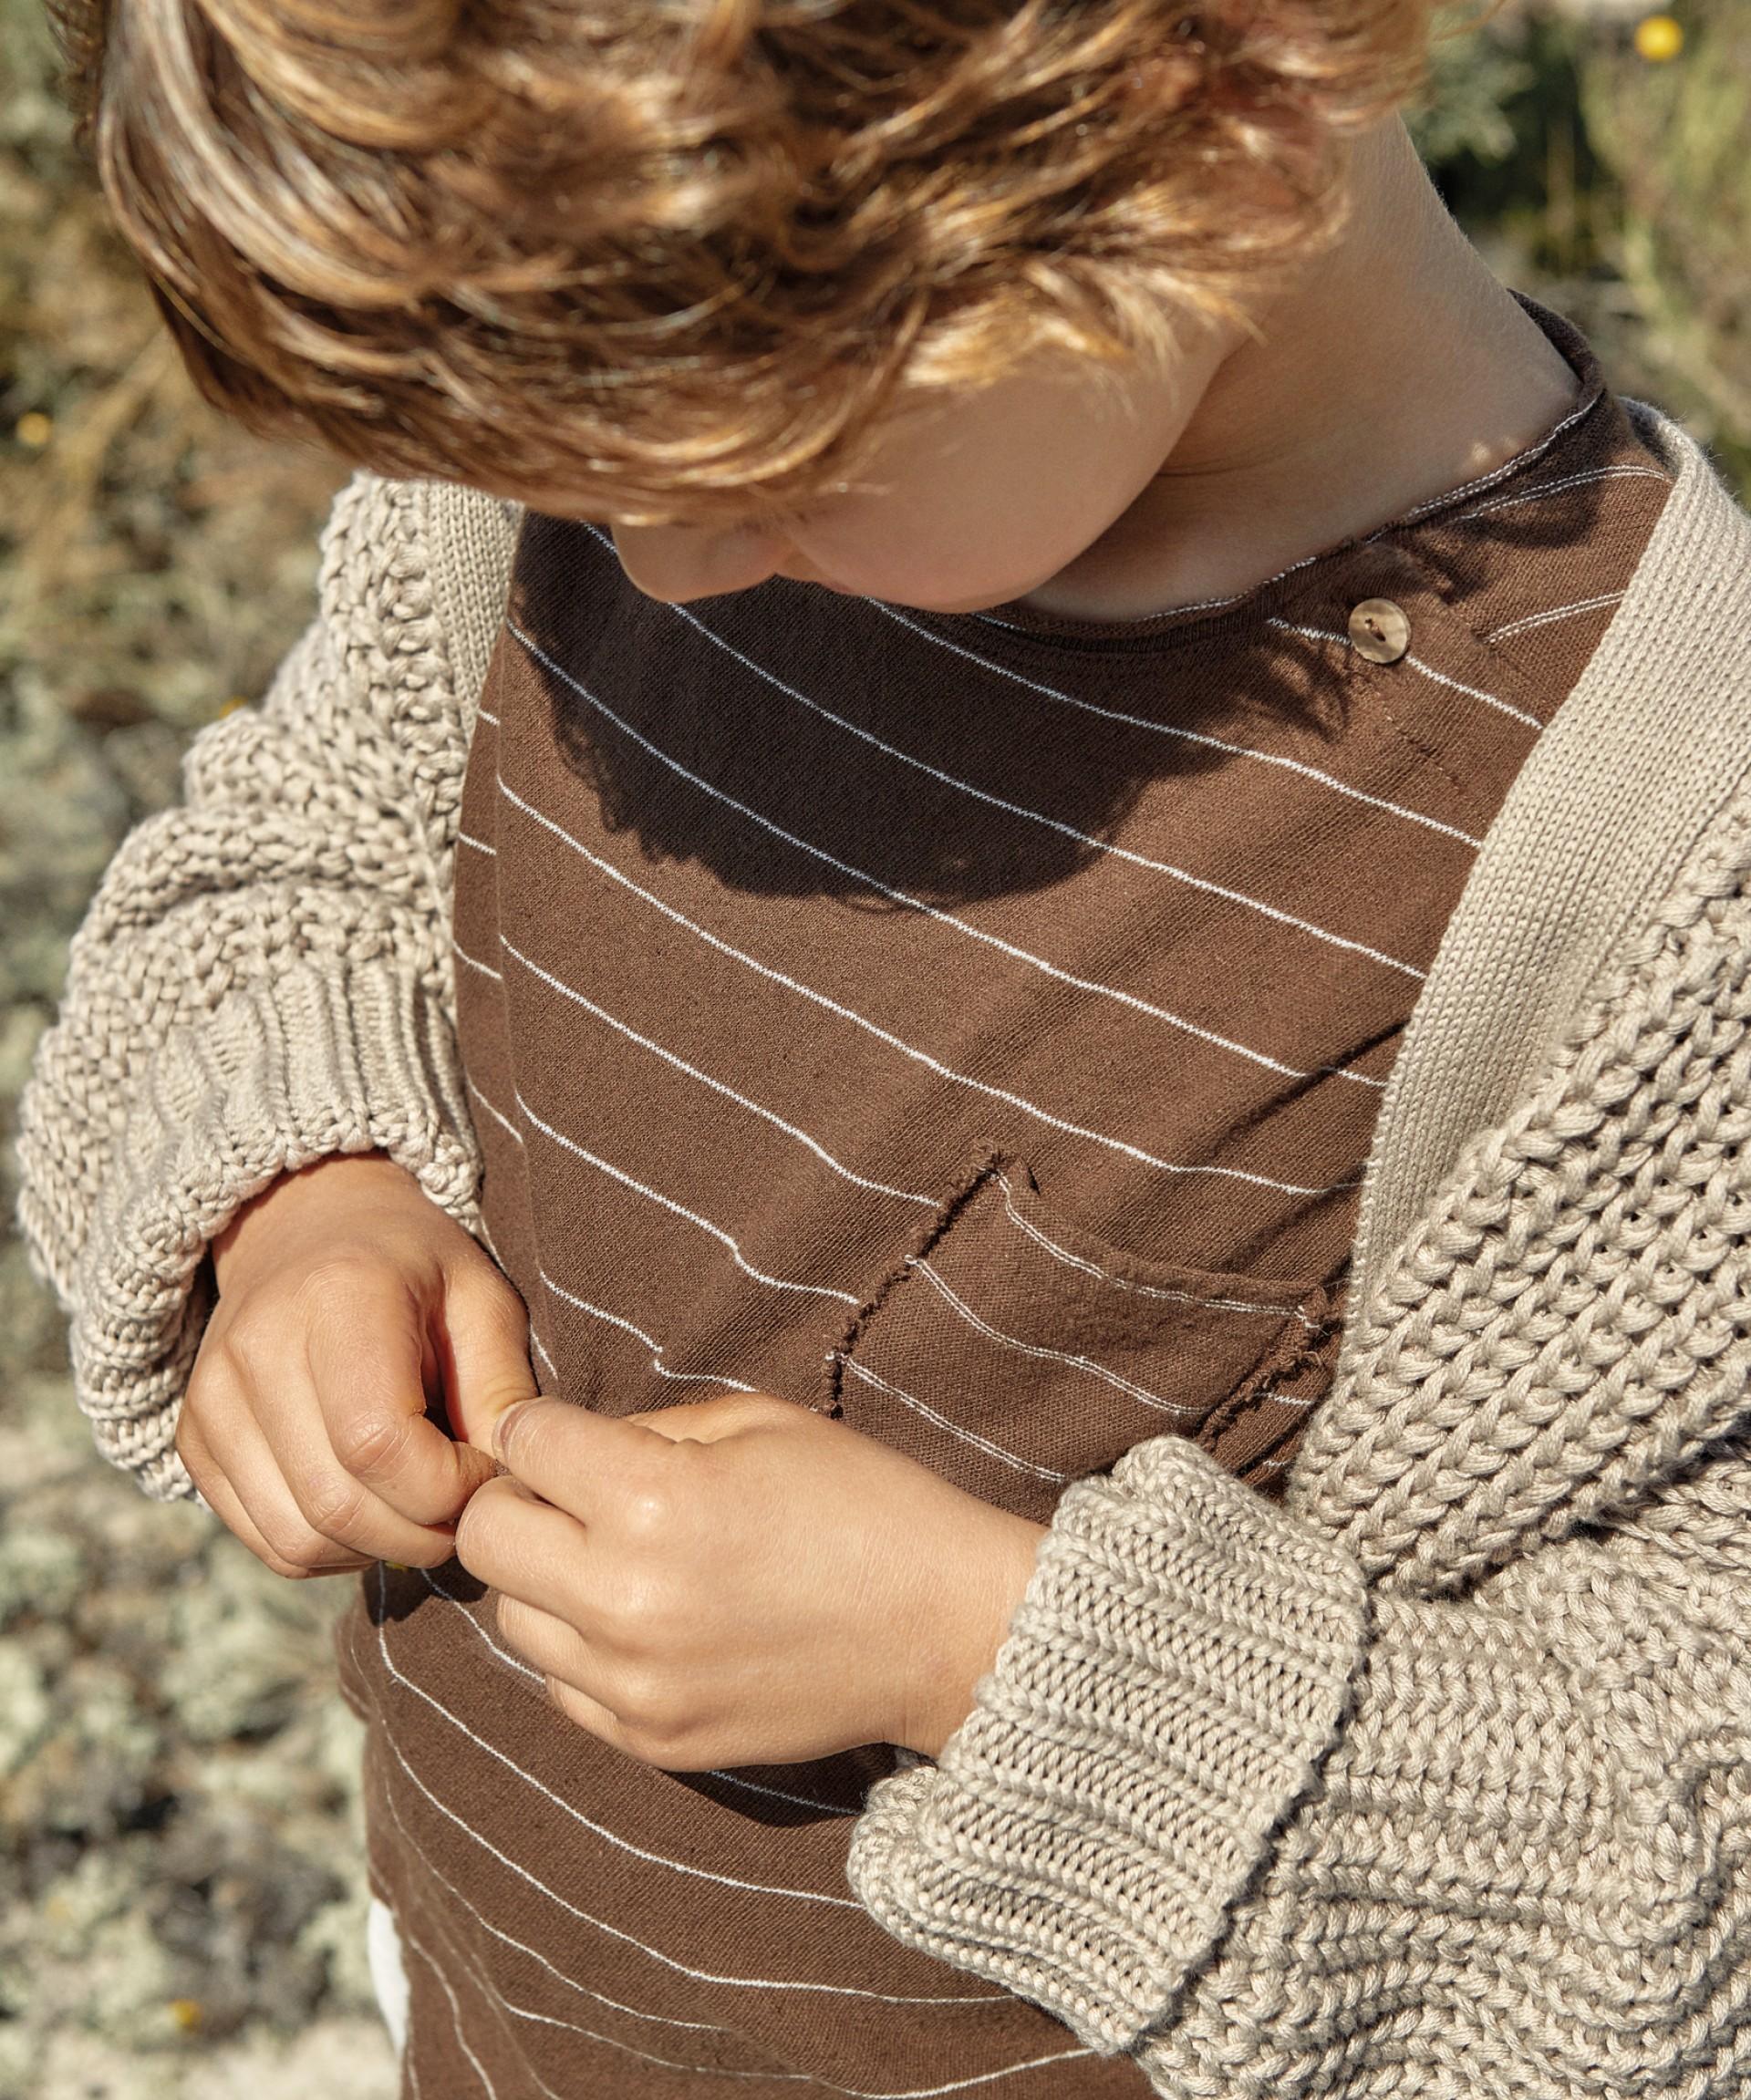 Chaqueta con botones de resina | Weaving